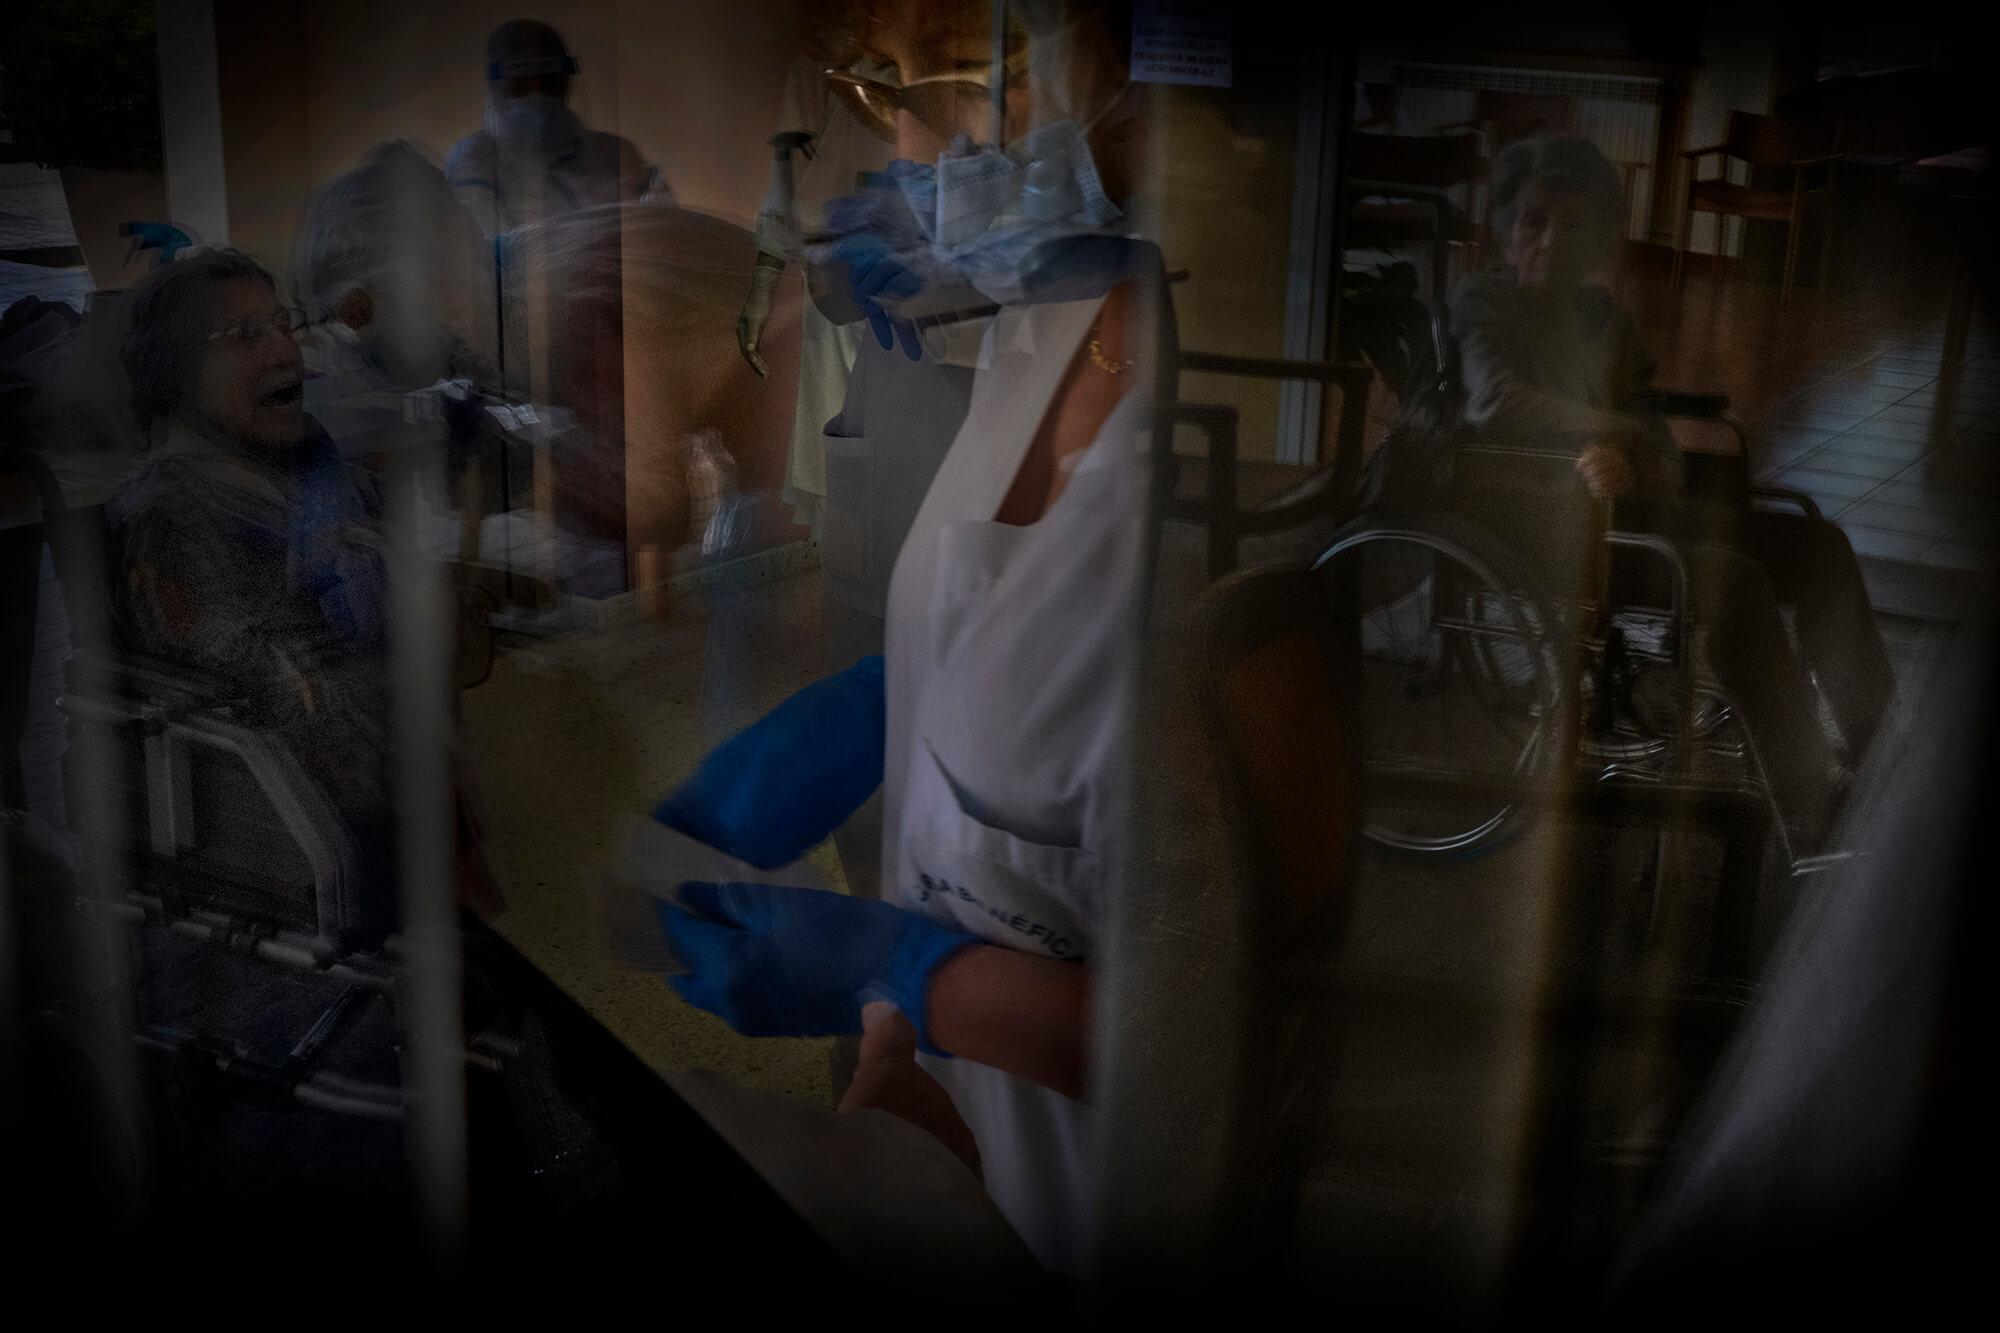 L'ONG Proactiva Open Arms, coneguda per les seves missions de rescat al mar Mediterrani, va decidir coordinar una campanya de tests ràpids per identificar i aïllar els malalts de covid-19 en residències.